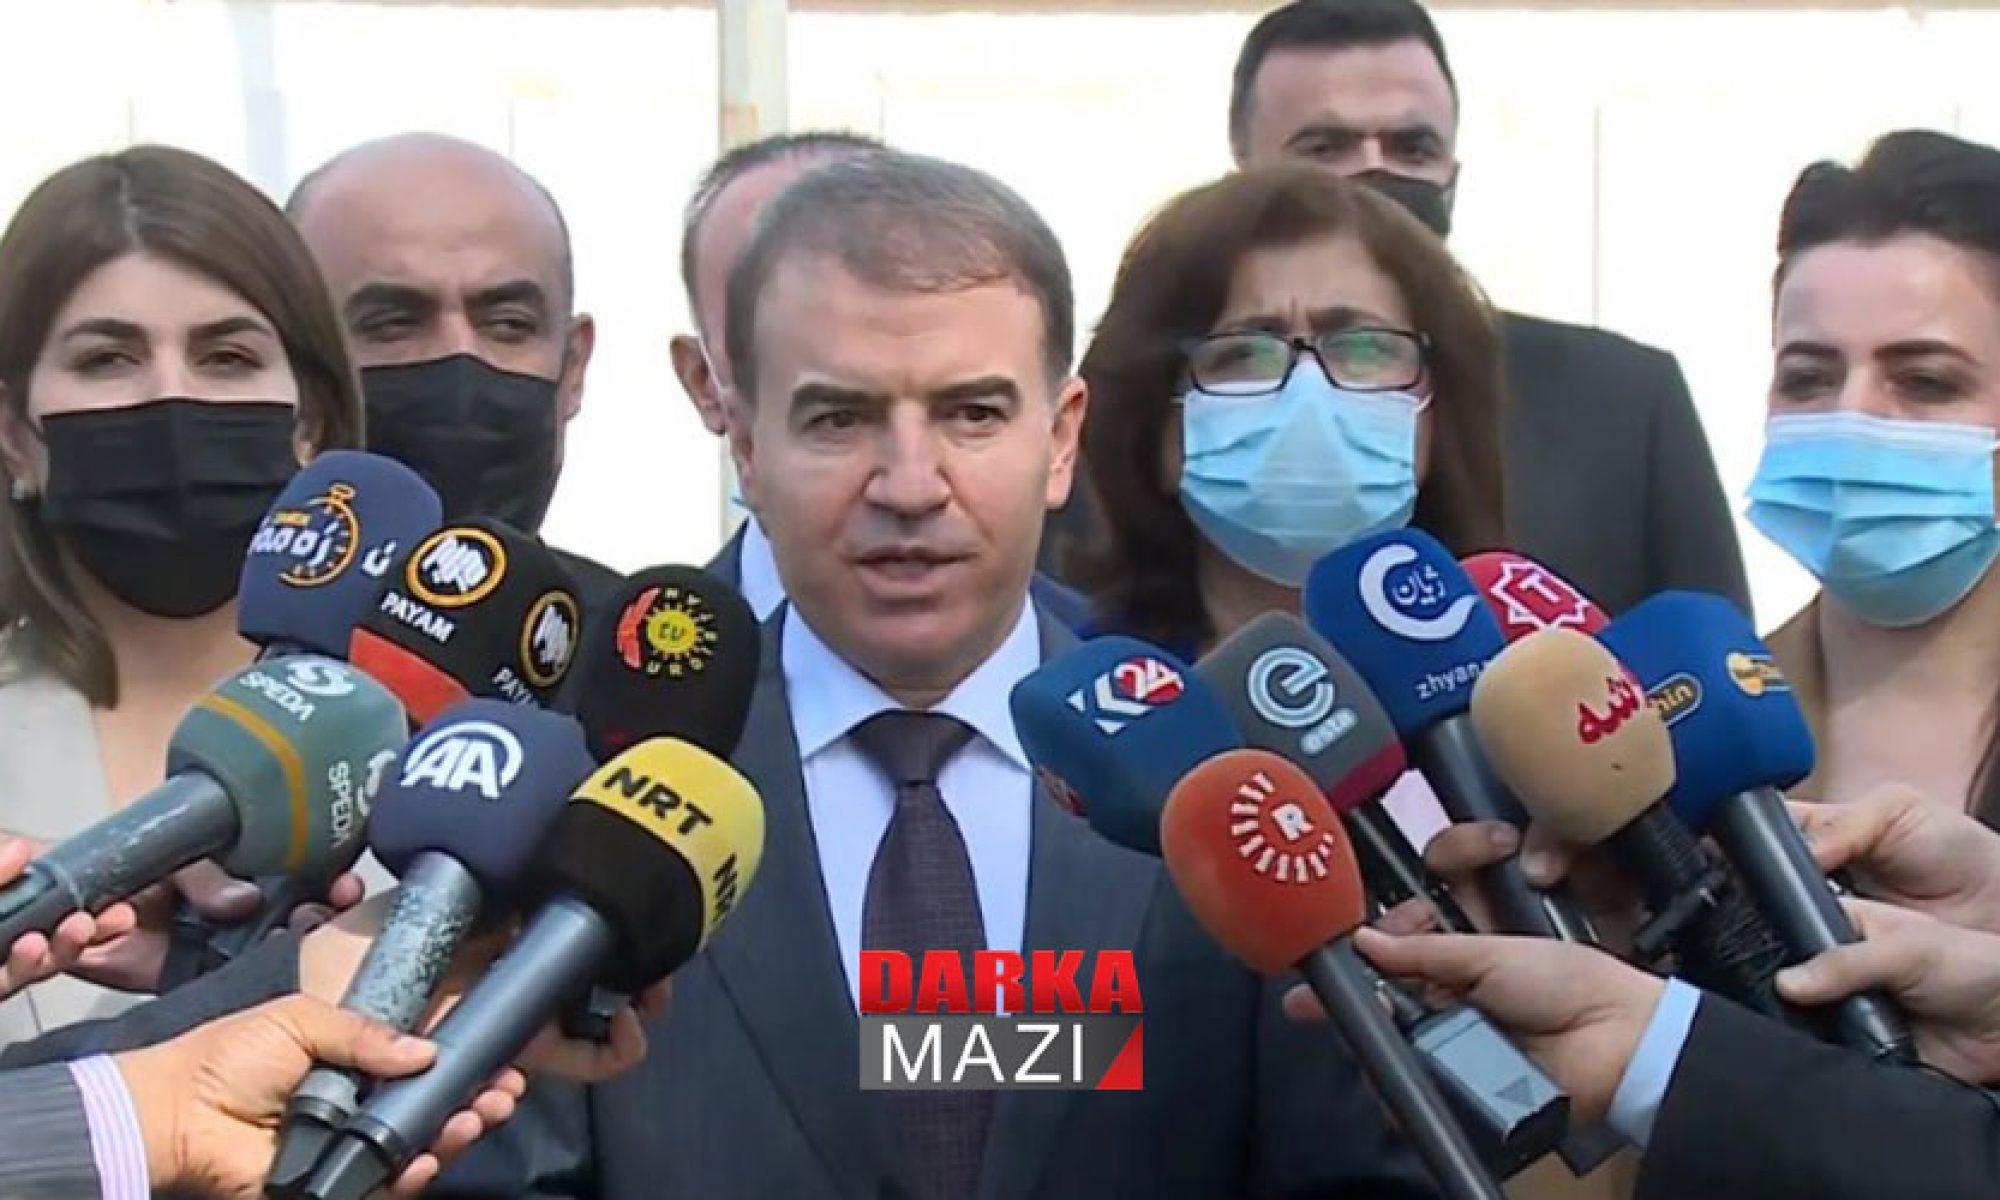 Kürdistan Parlamentosundan Fransa'ya dayanışma mesajı: Kürdistan Parlamentosu'nu ilk tanıyan da Fransa devletidir